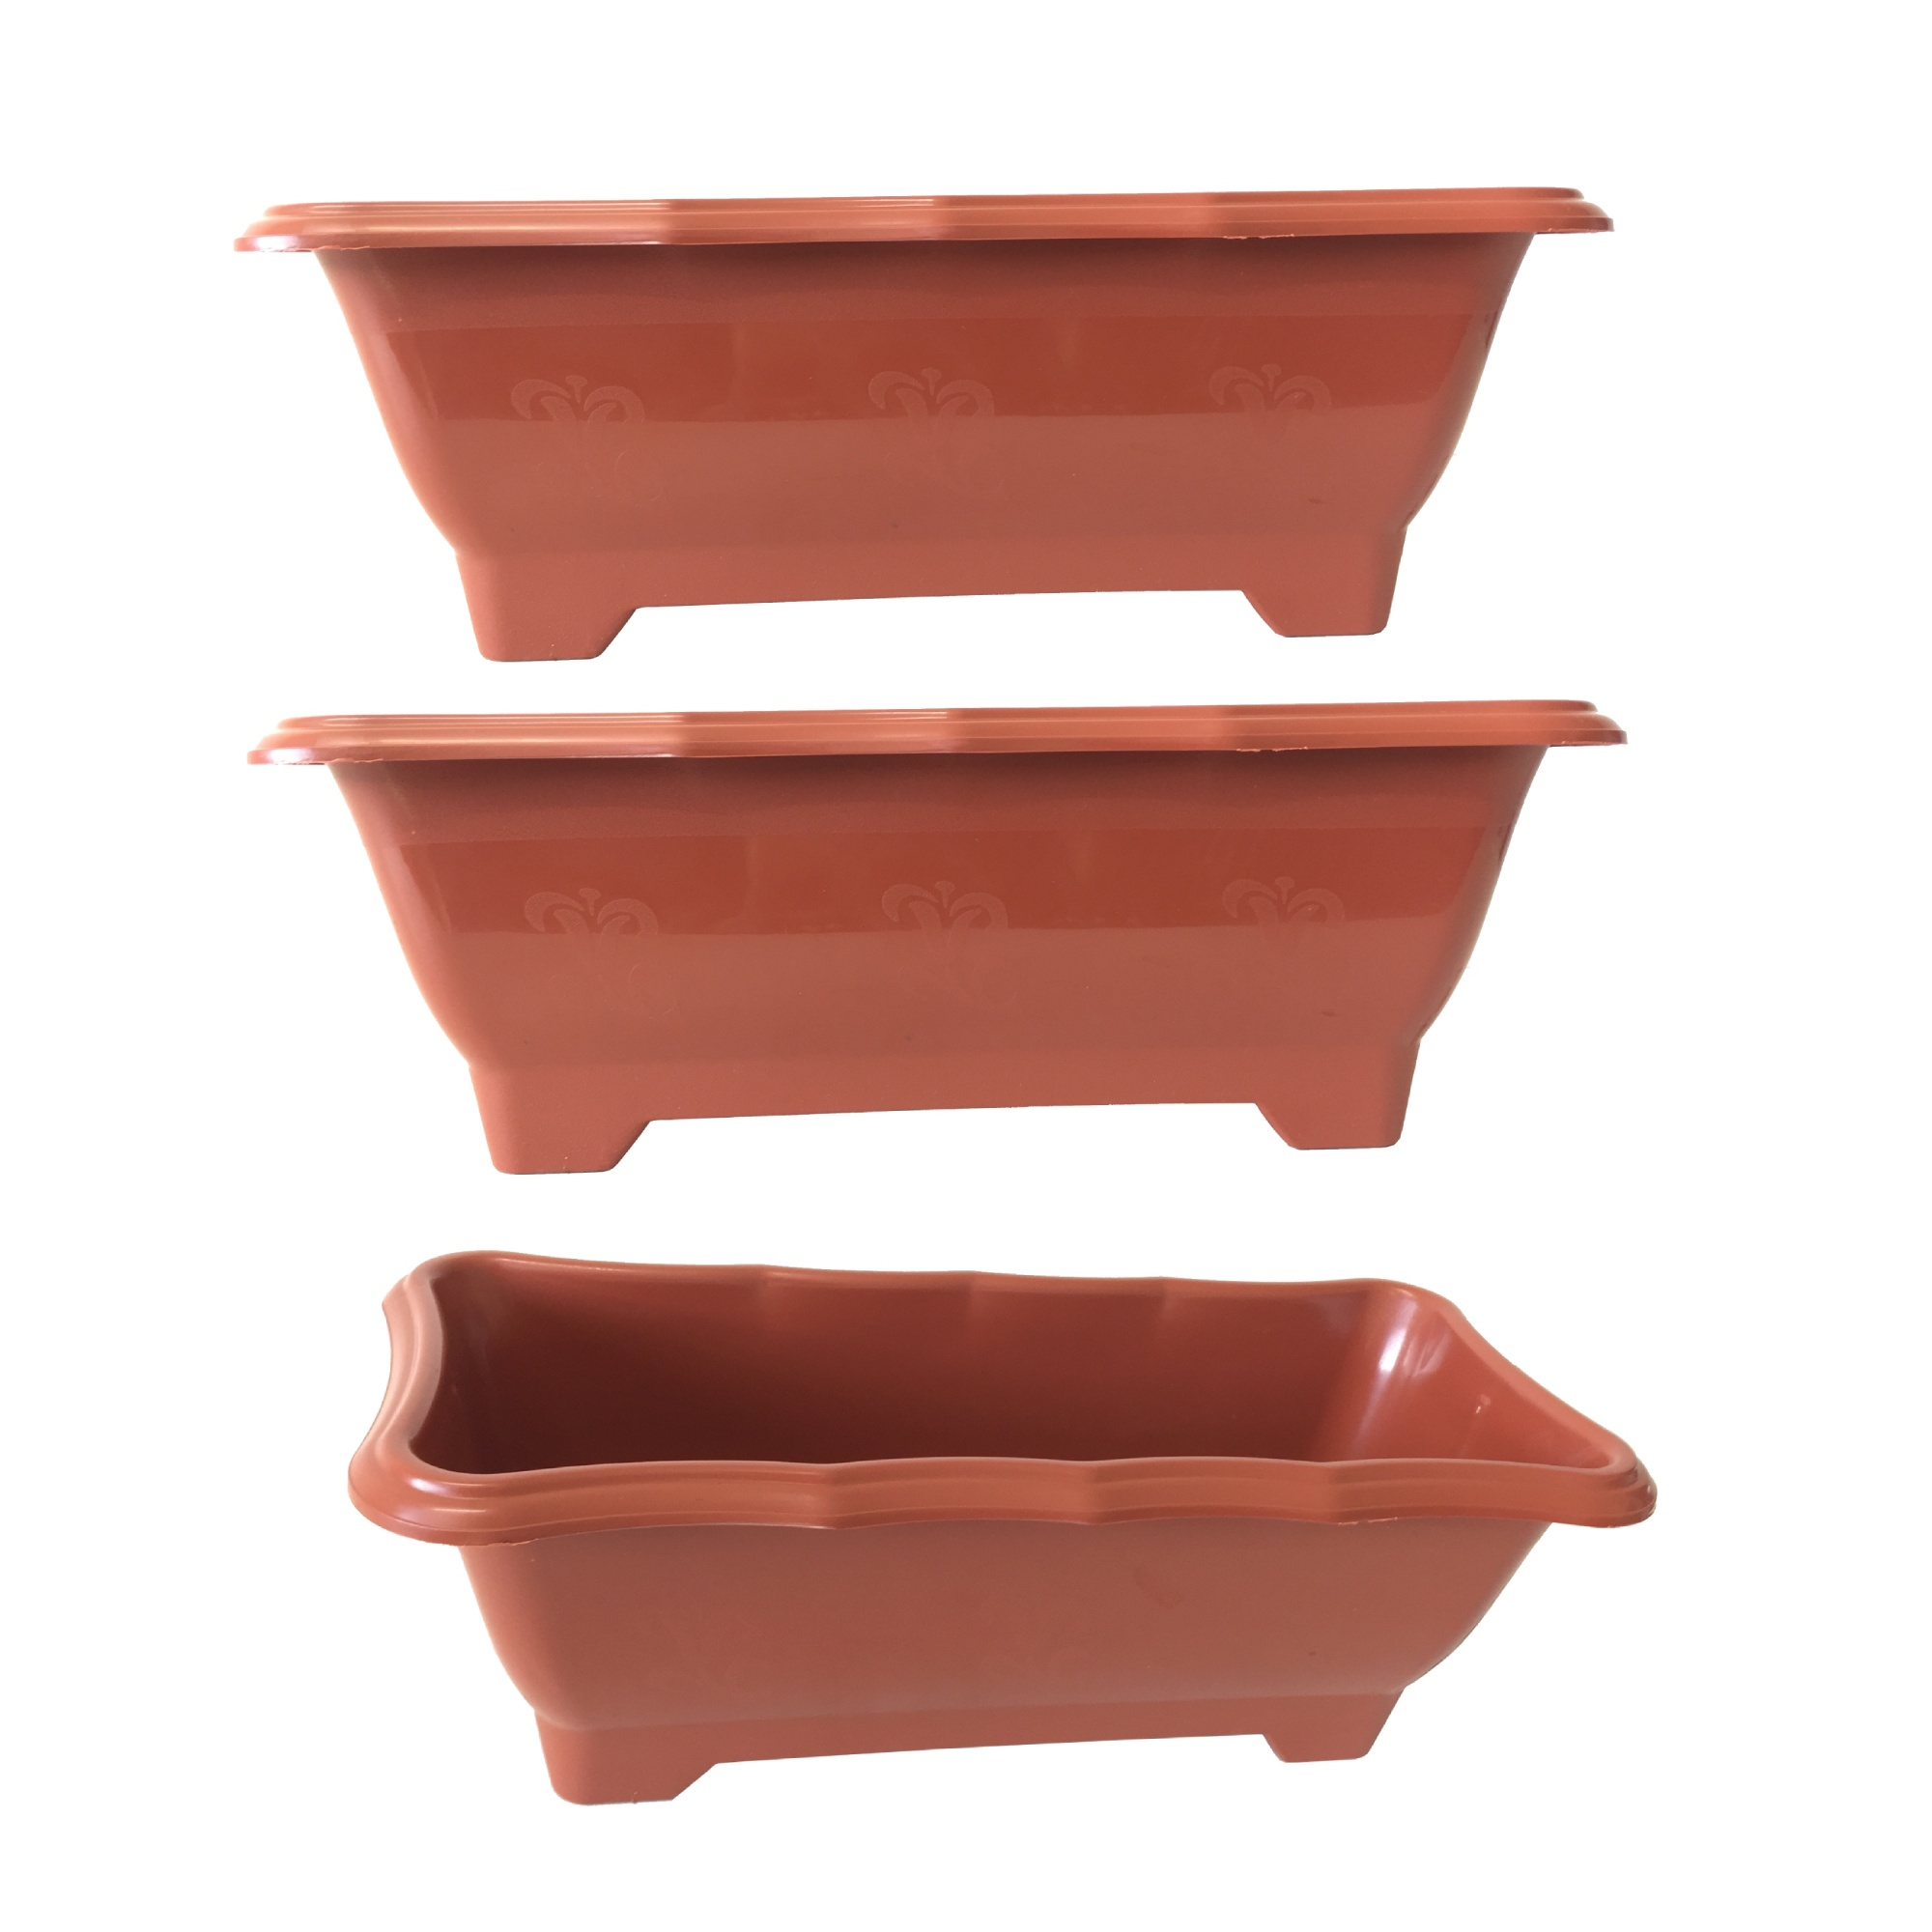 Kit 3 Vaso Jardineira Floreira  Terracota Arqplast Média 37,5x17,5x14cm - 25300